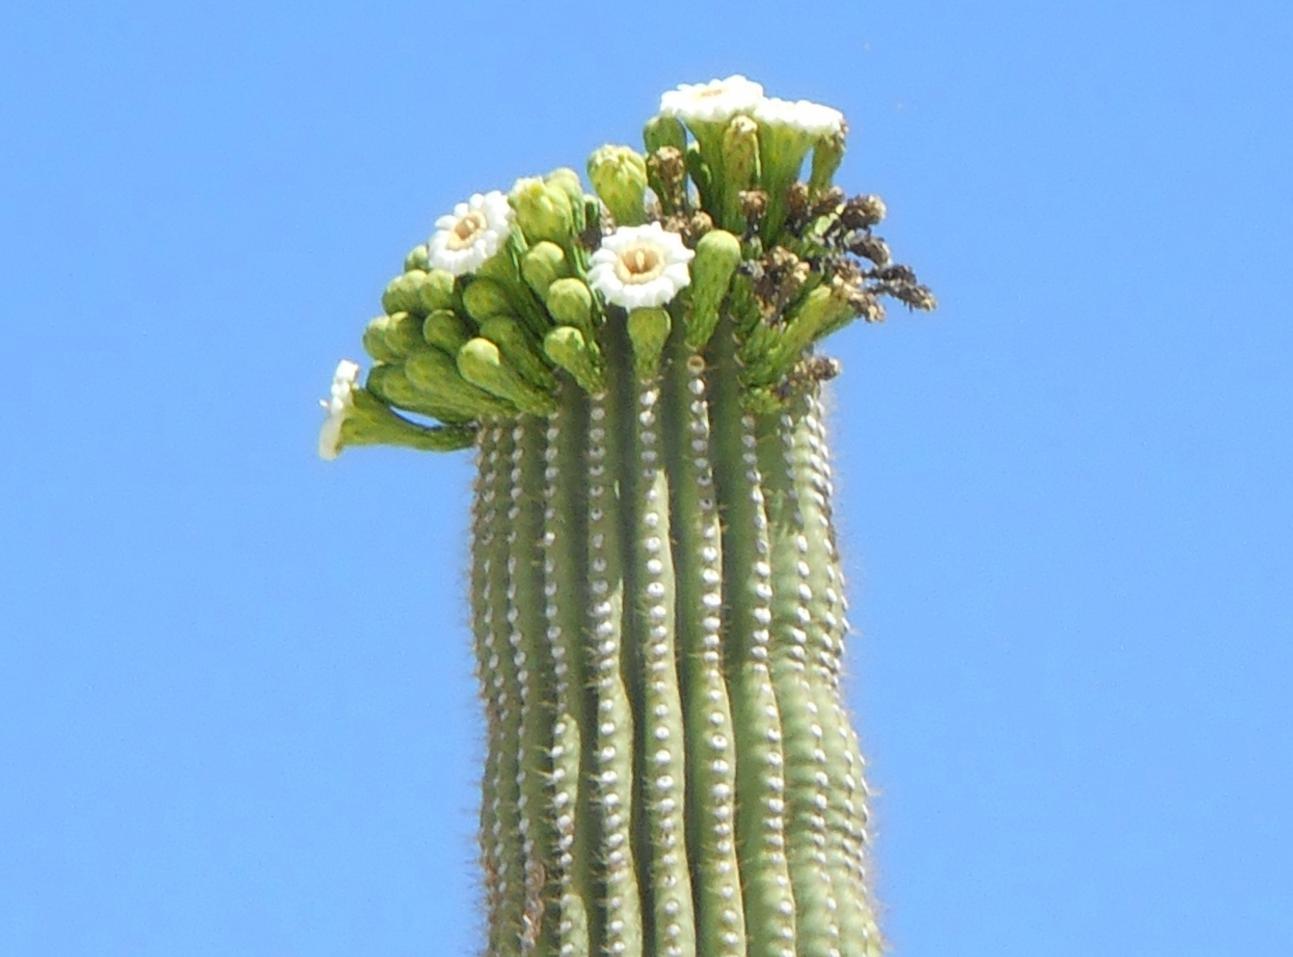 Saguaro Cactus Flower | Cactus flower, Unique cactus ... |Saguaro Cactus Flowers